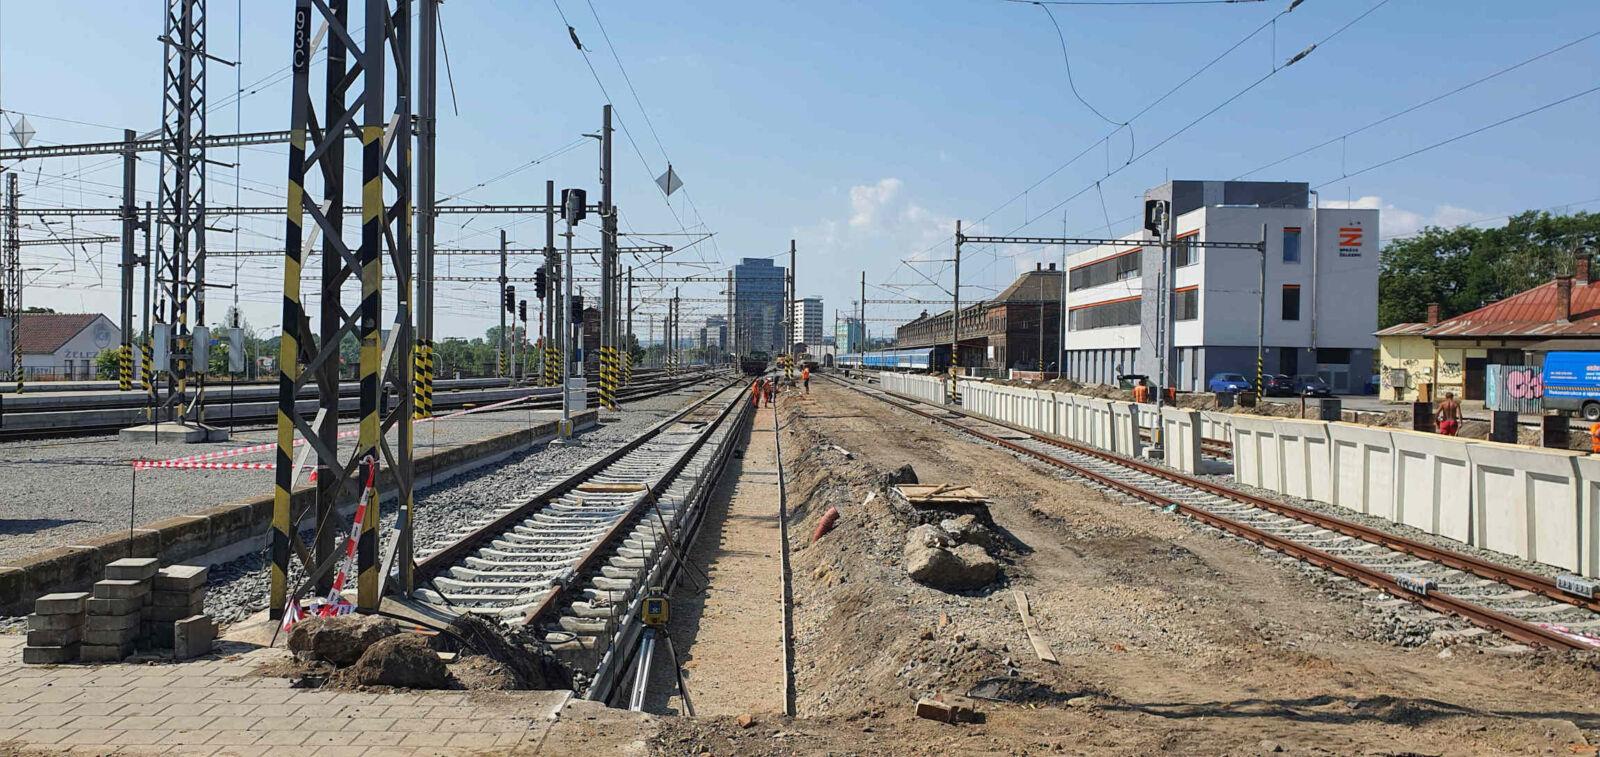 Rekonstrukce 5. a 6. nástupiště na brněnském hlavním nádraží, 2021v